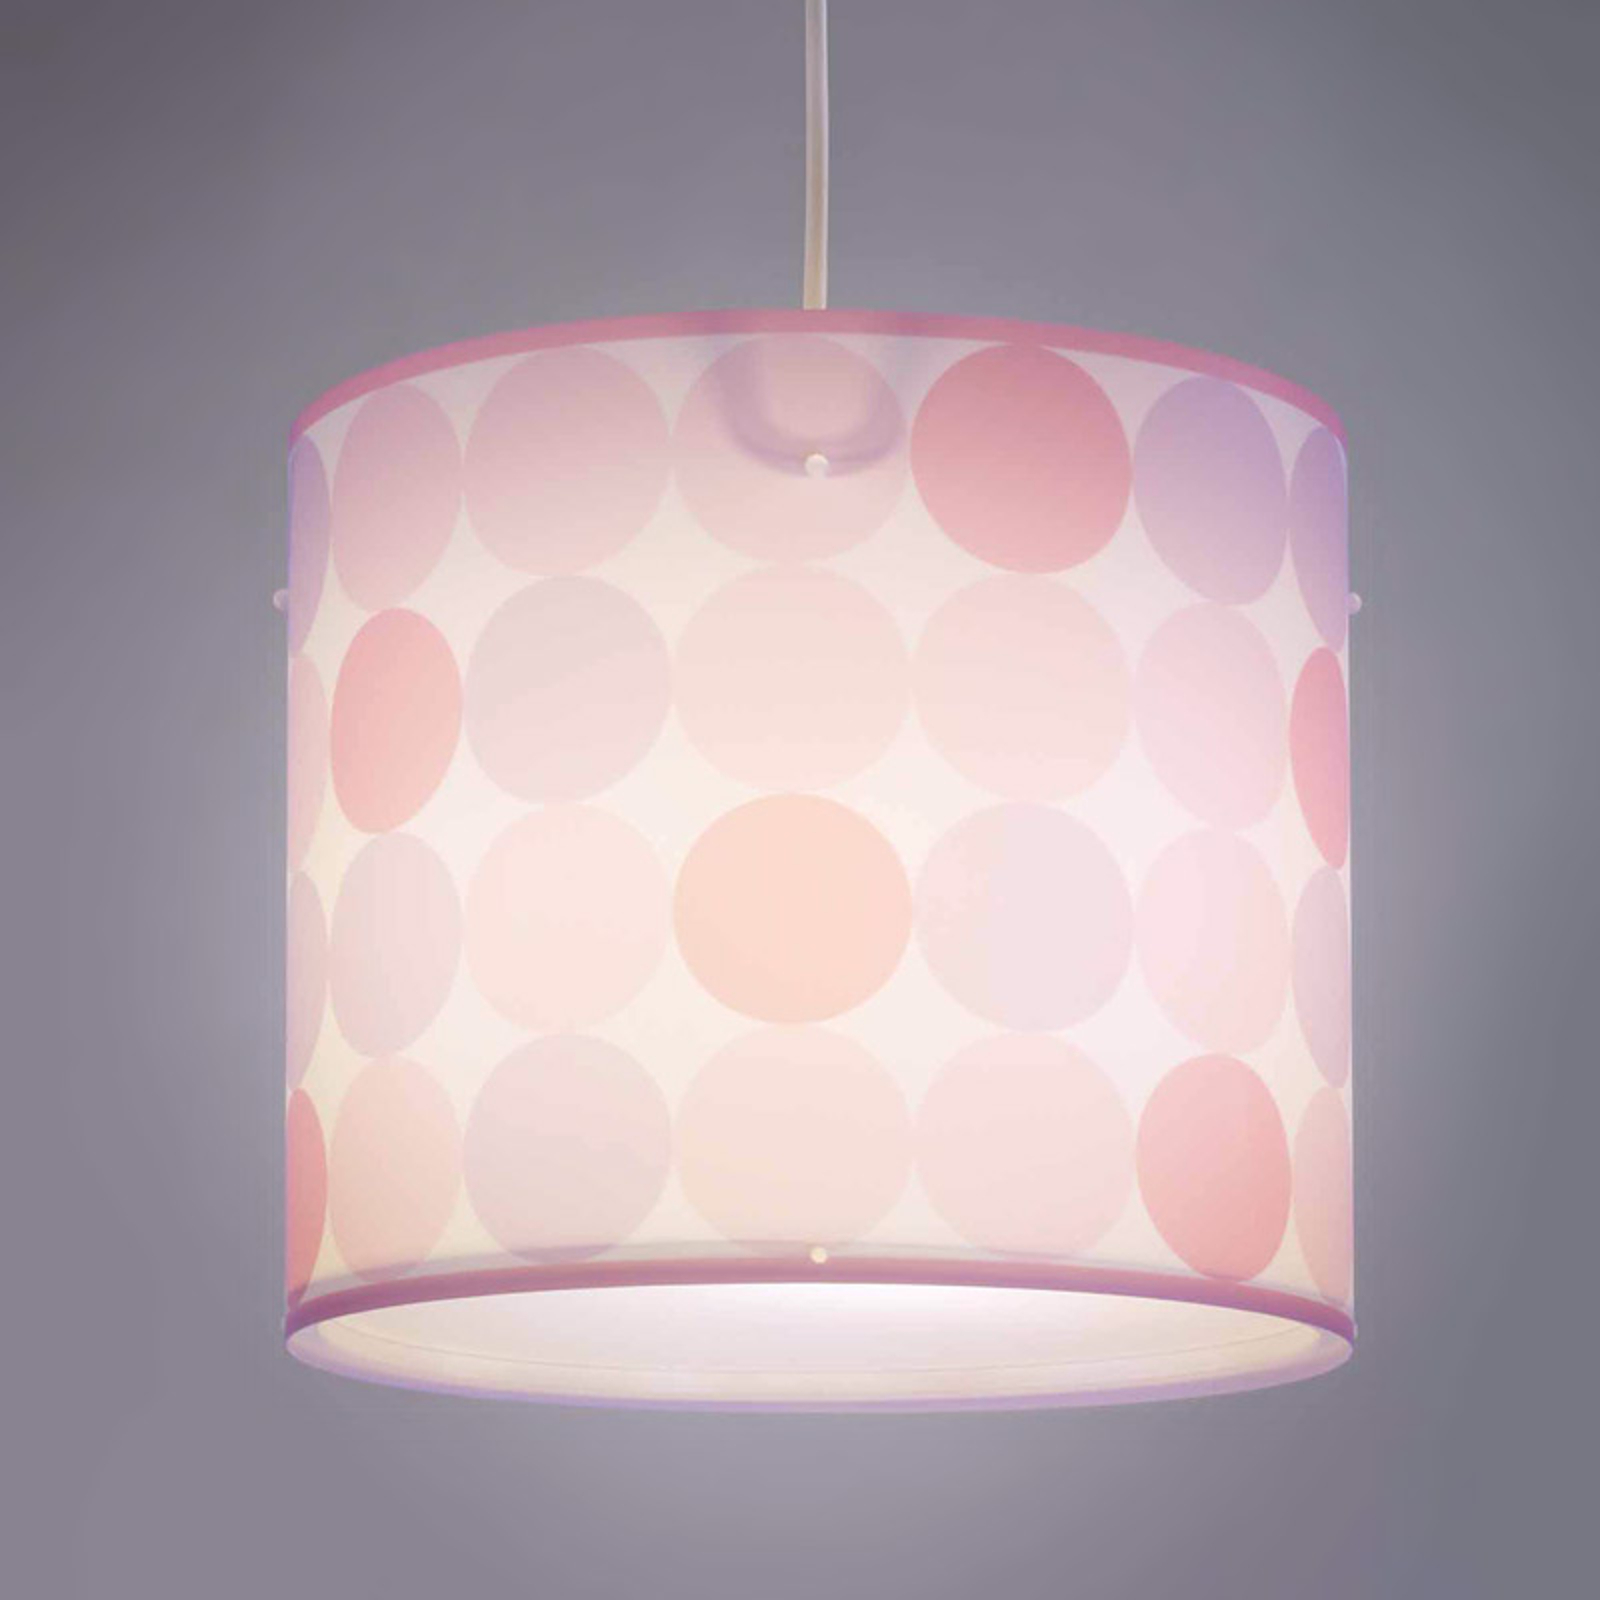 Lampa wisząca Colors w kropki, różowa